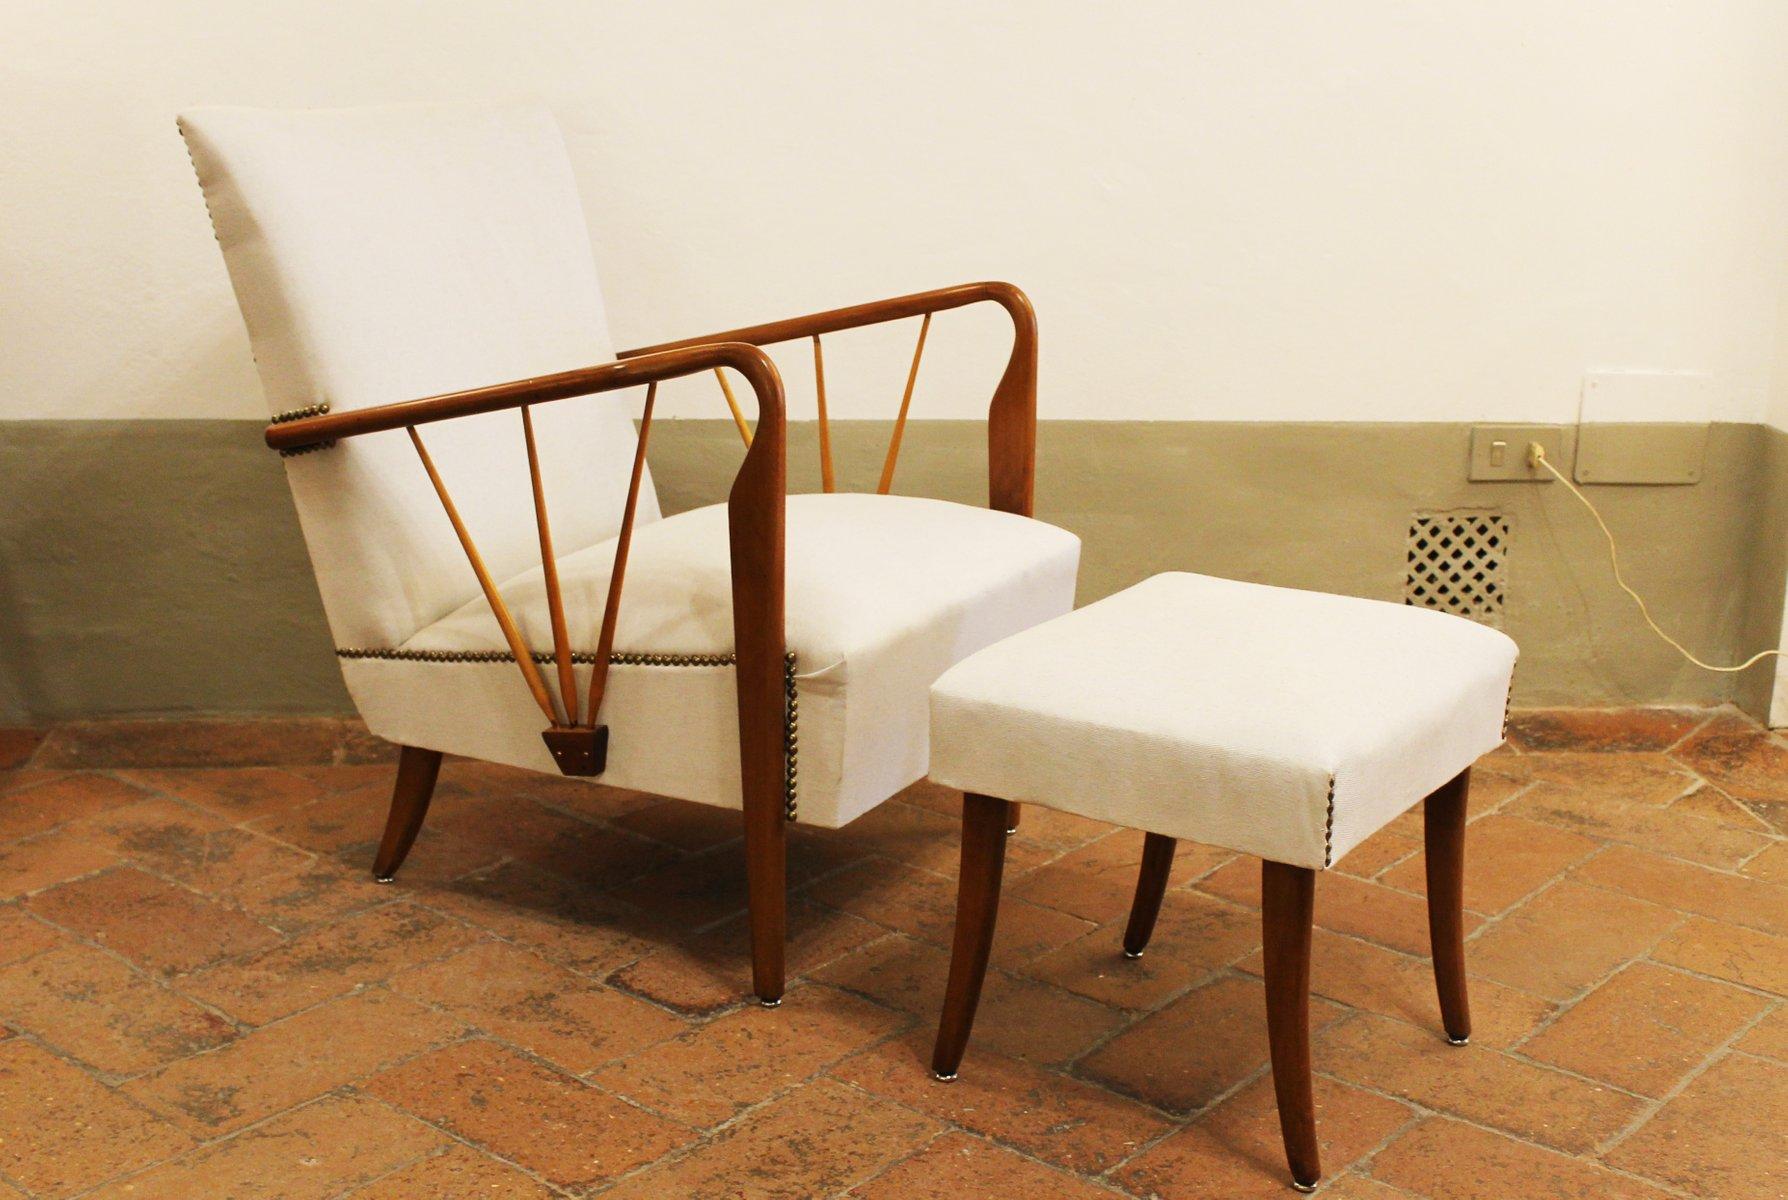 Italienischer Sessel & Fußhocker von Paolo Buffa, 1940er